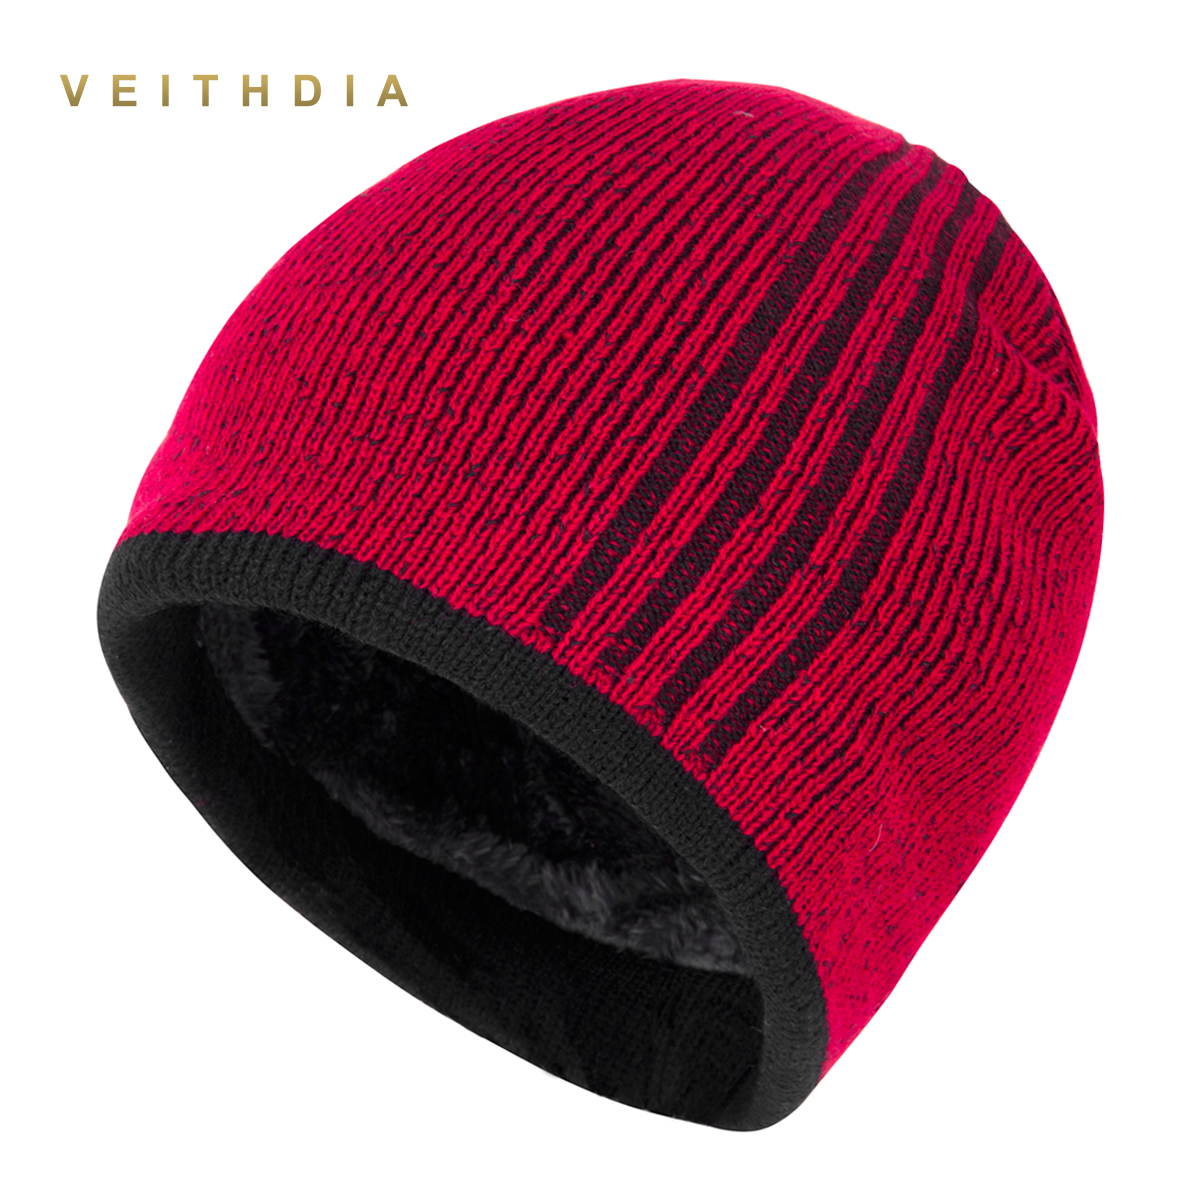 VEITHDIA Brand Men Winter Hat Practical Skullies Hats beanies Knitted Plus velvet Stripe Color Men's Hat Gorro Thicken warm Cap